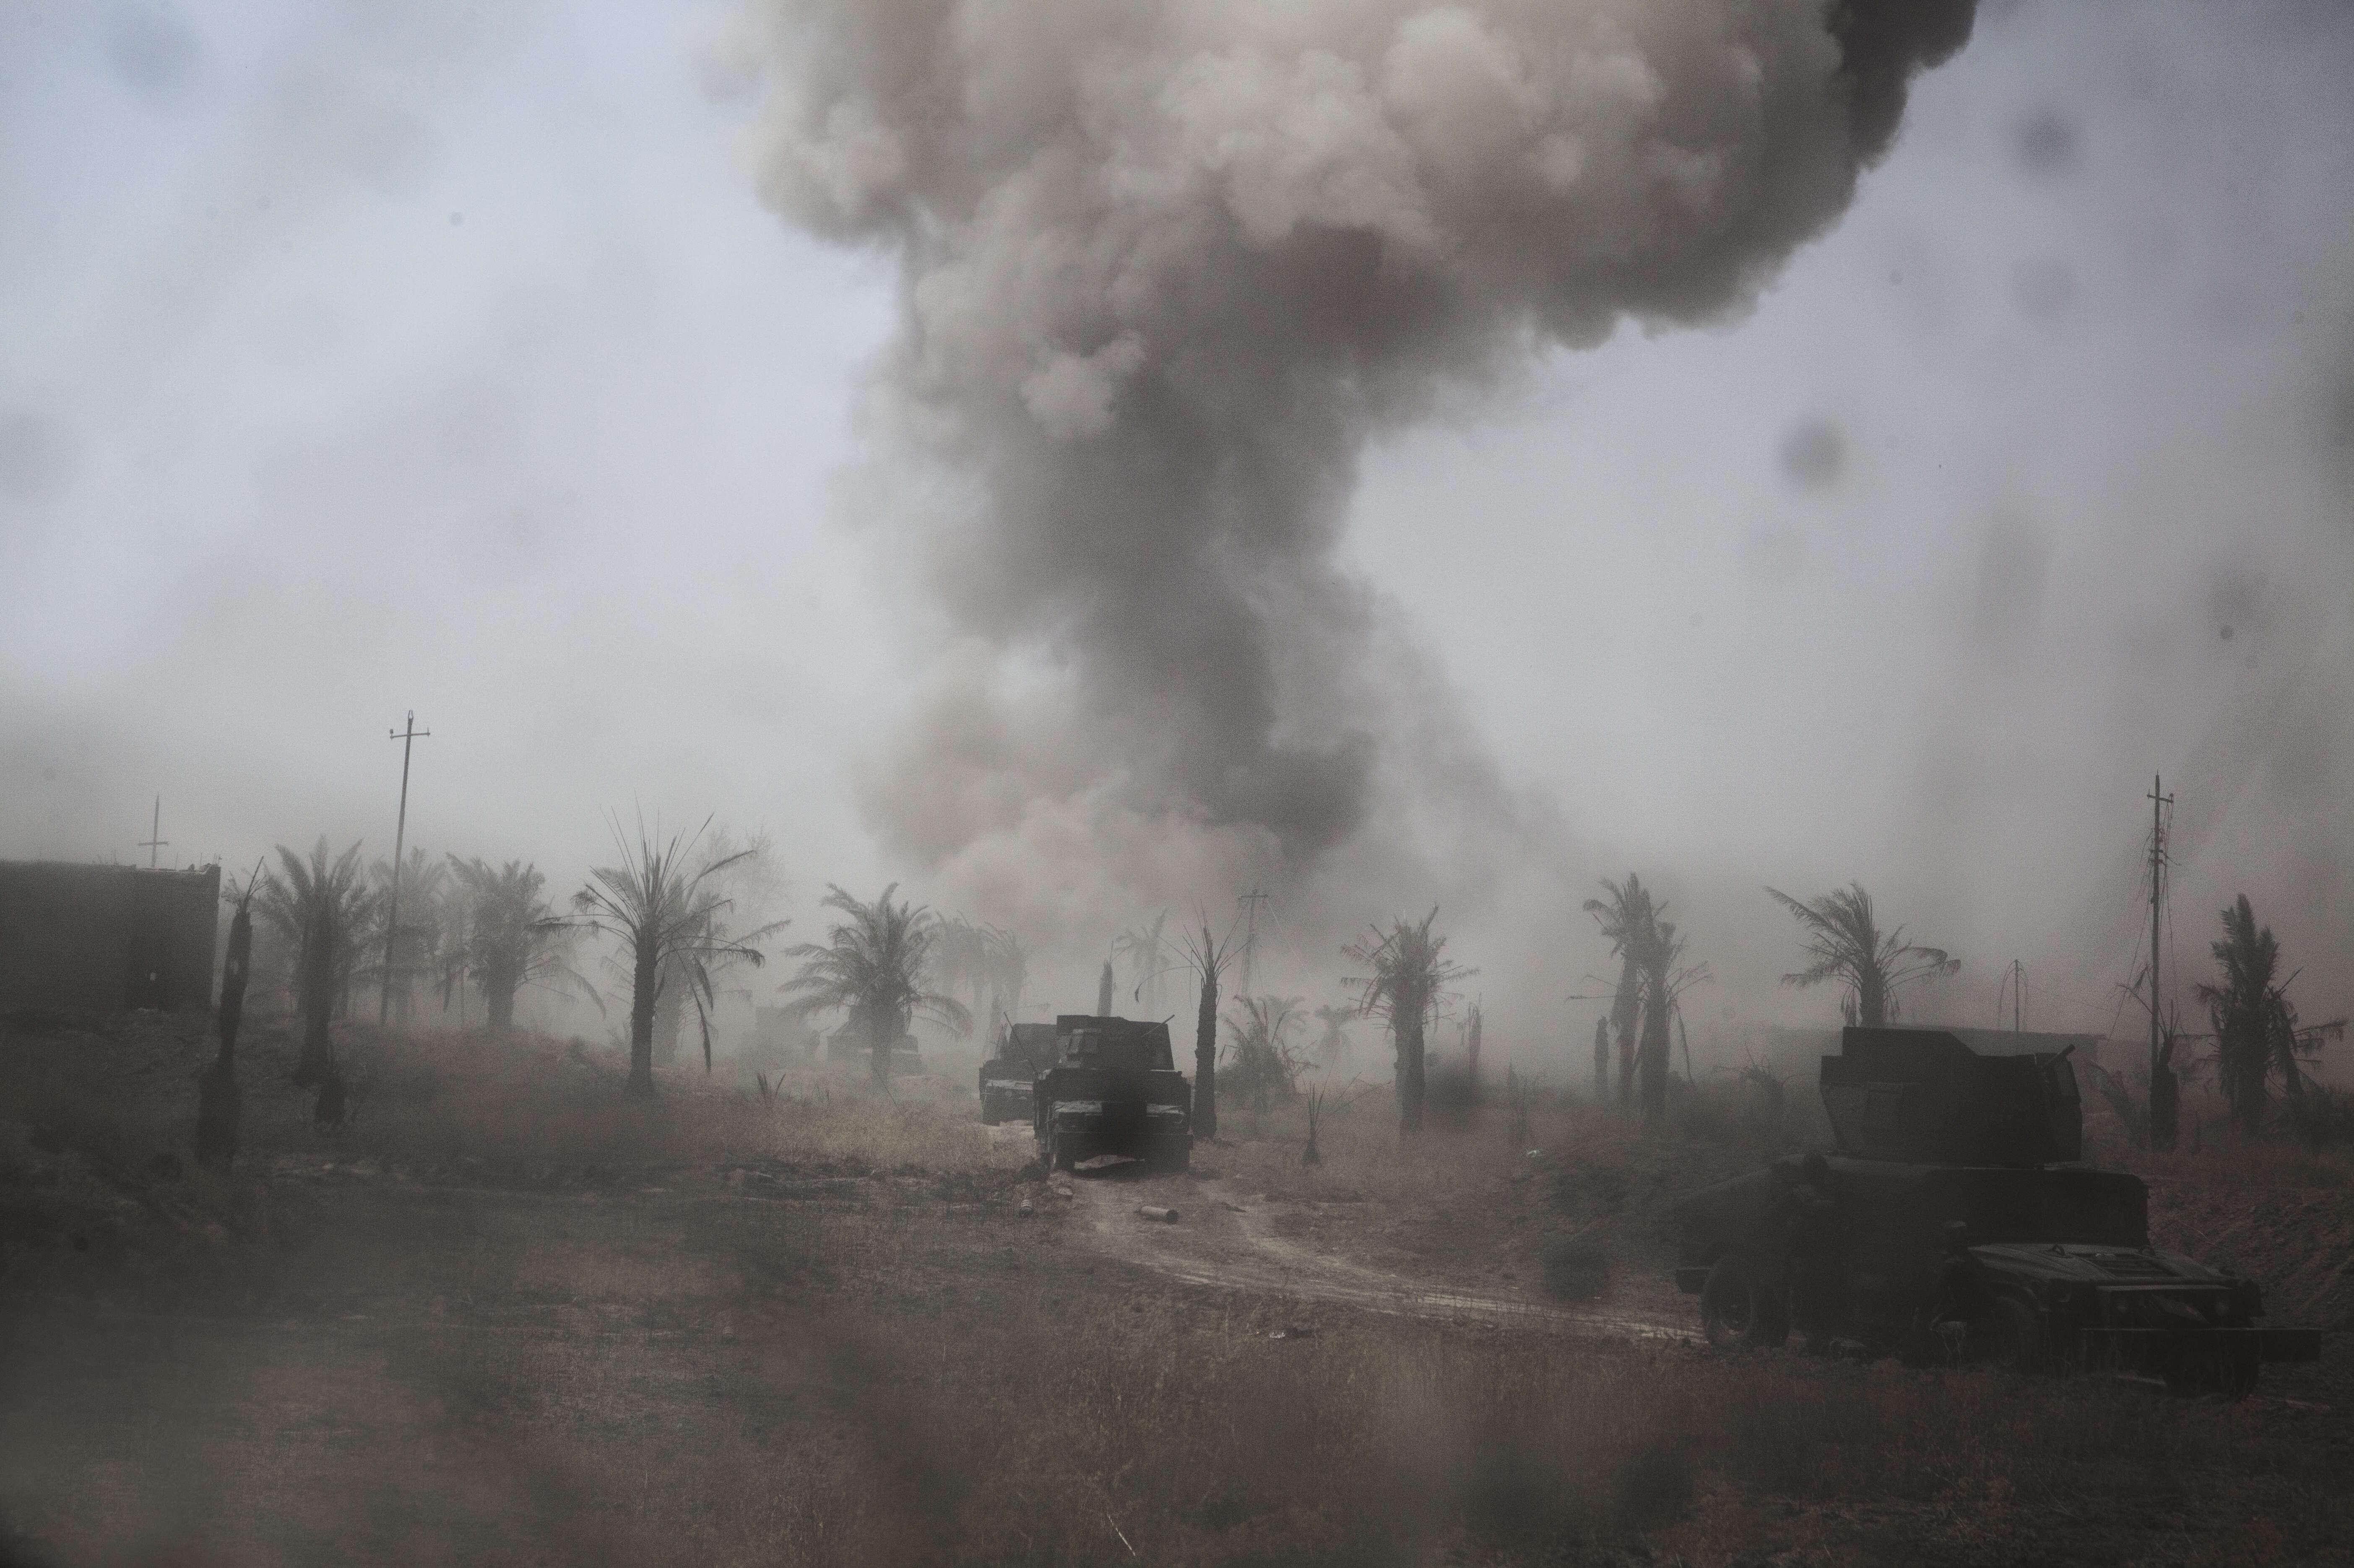 Sur les quatre cents hommes des quatre bataillons engagés pendant quinze jours, neuf auront été tués, et trente autres blessés.